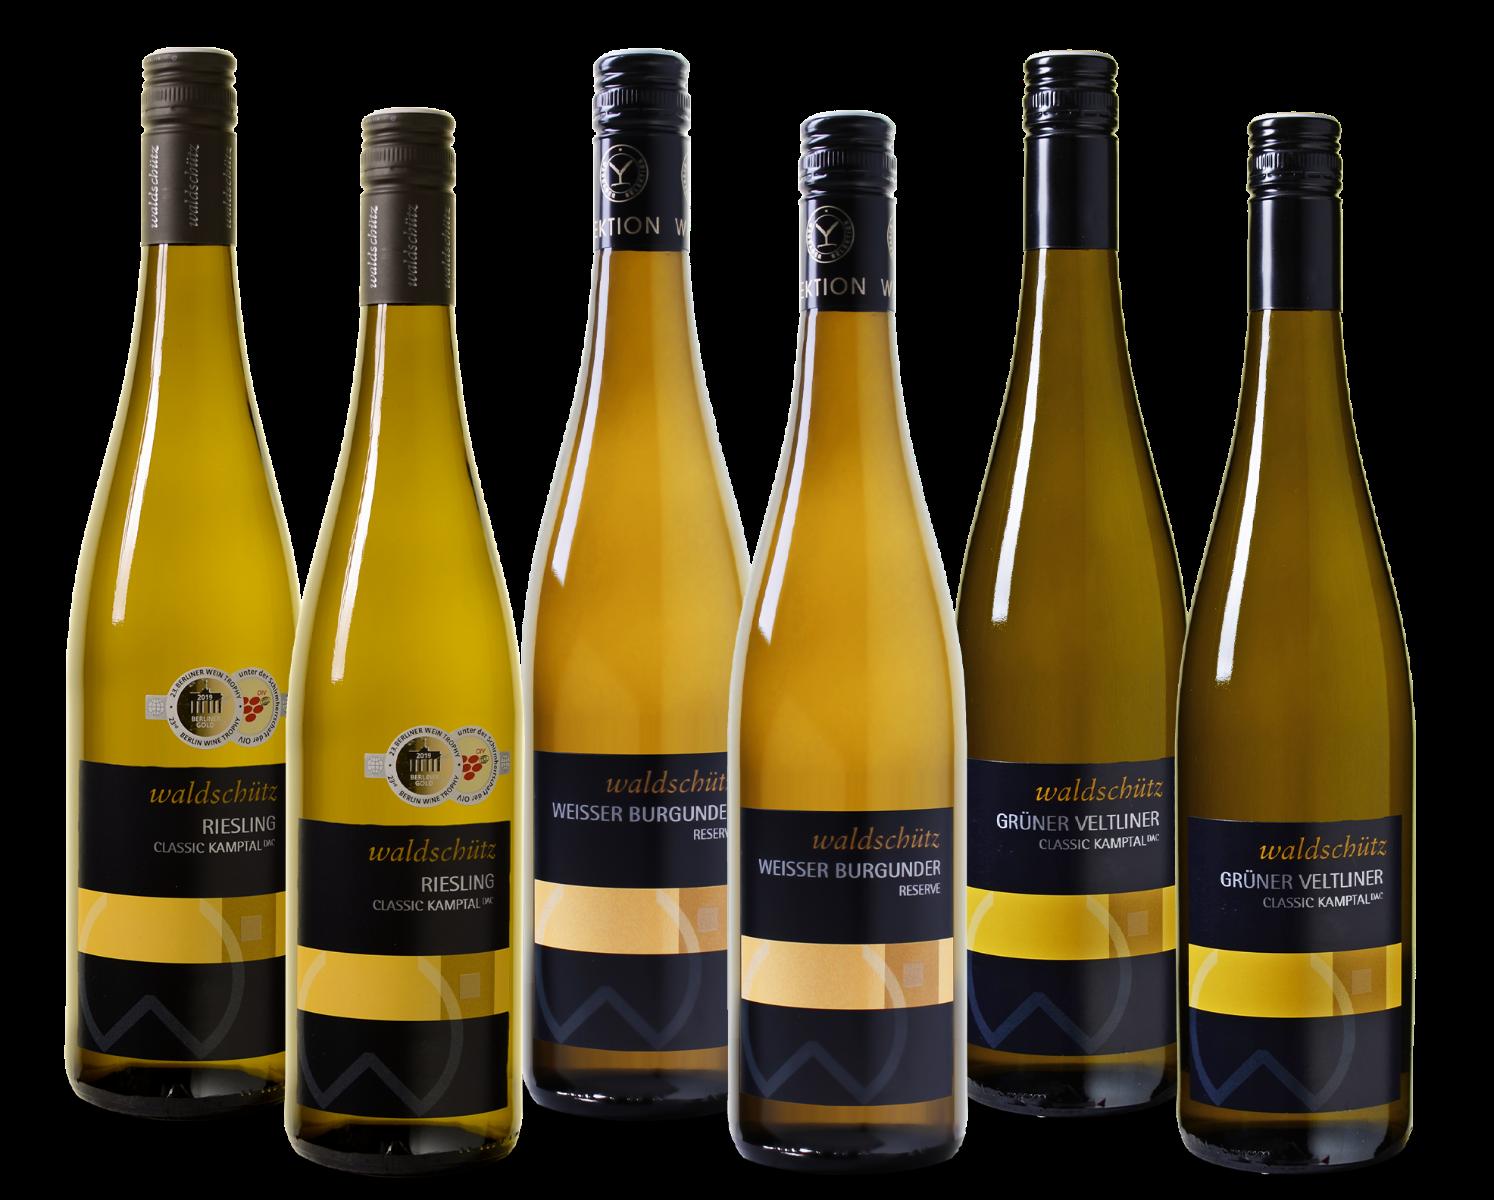 Wijnpakket Oostenrijk wijnvoordeel.nl